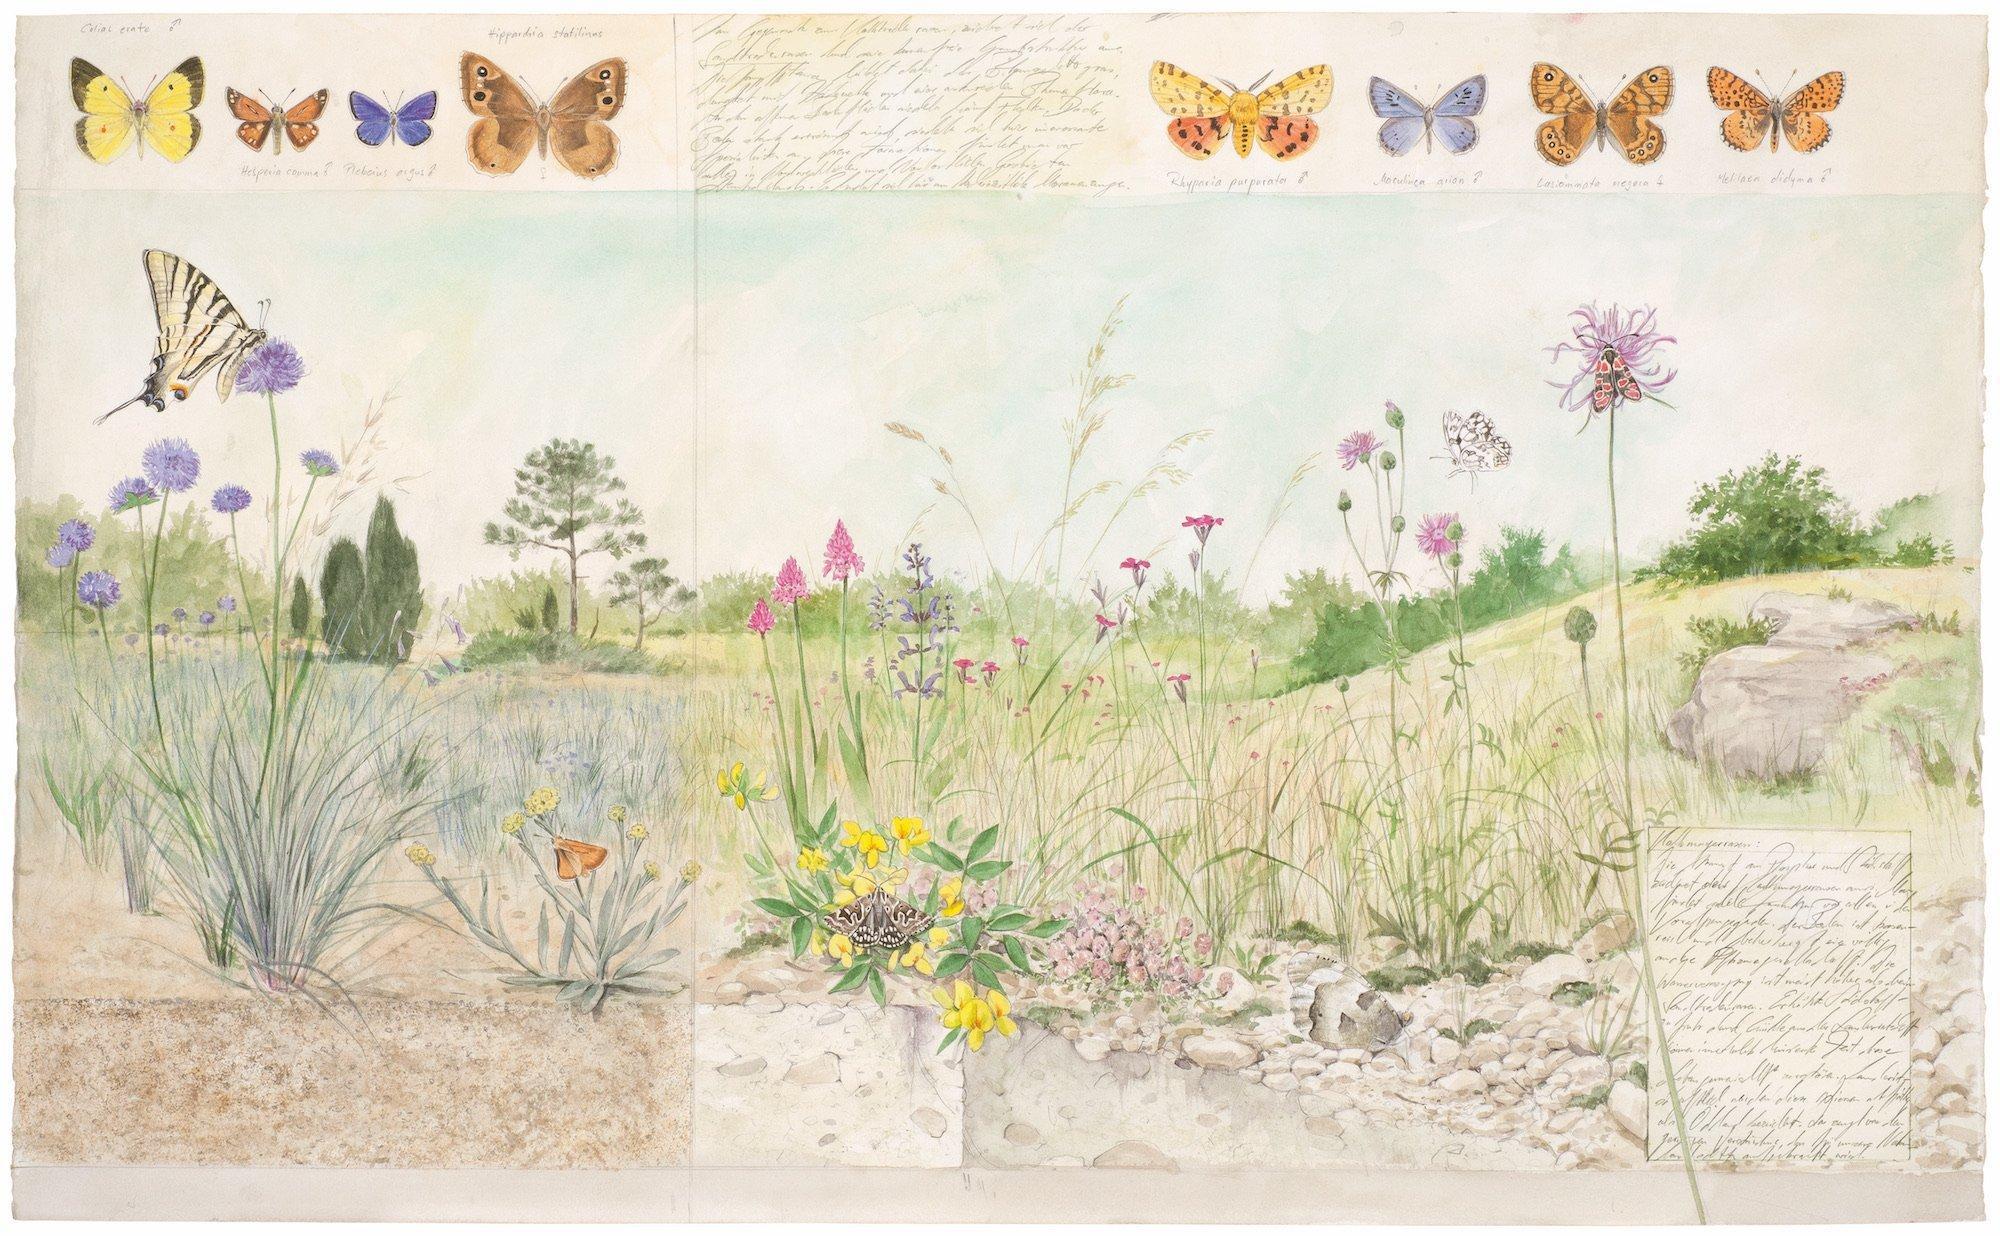 Die Zeichnung zeigt einen Magerrasend mit einer Fülle von Pflanzenarten und gaukelnden Schmetterlingen.